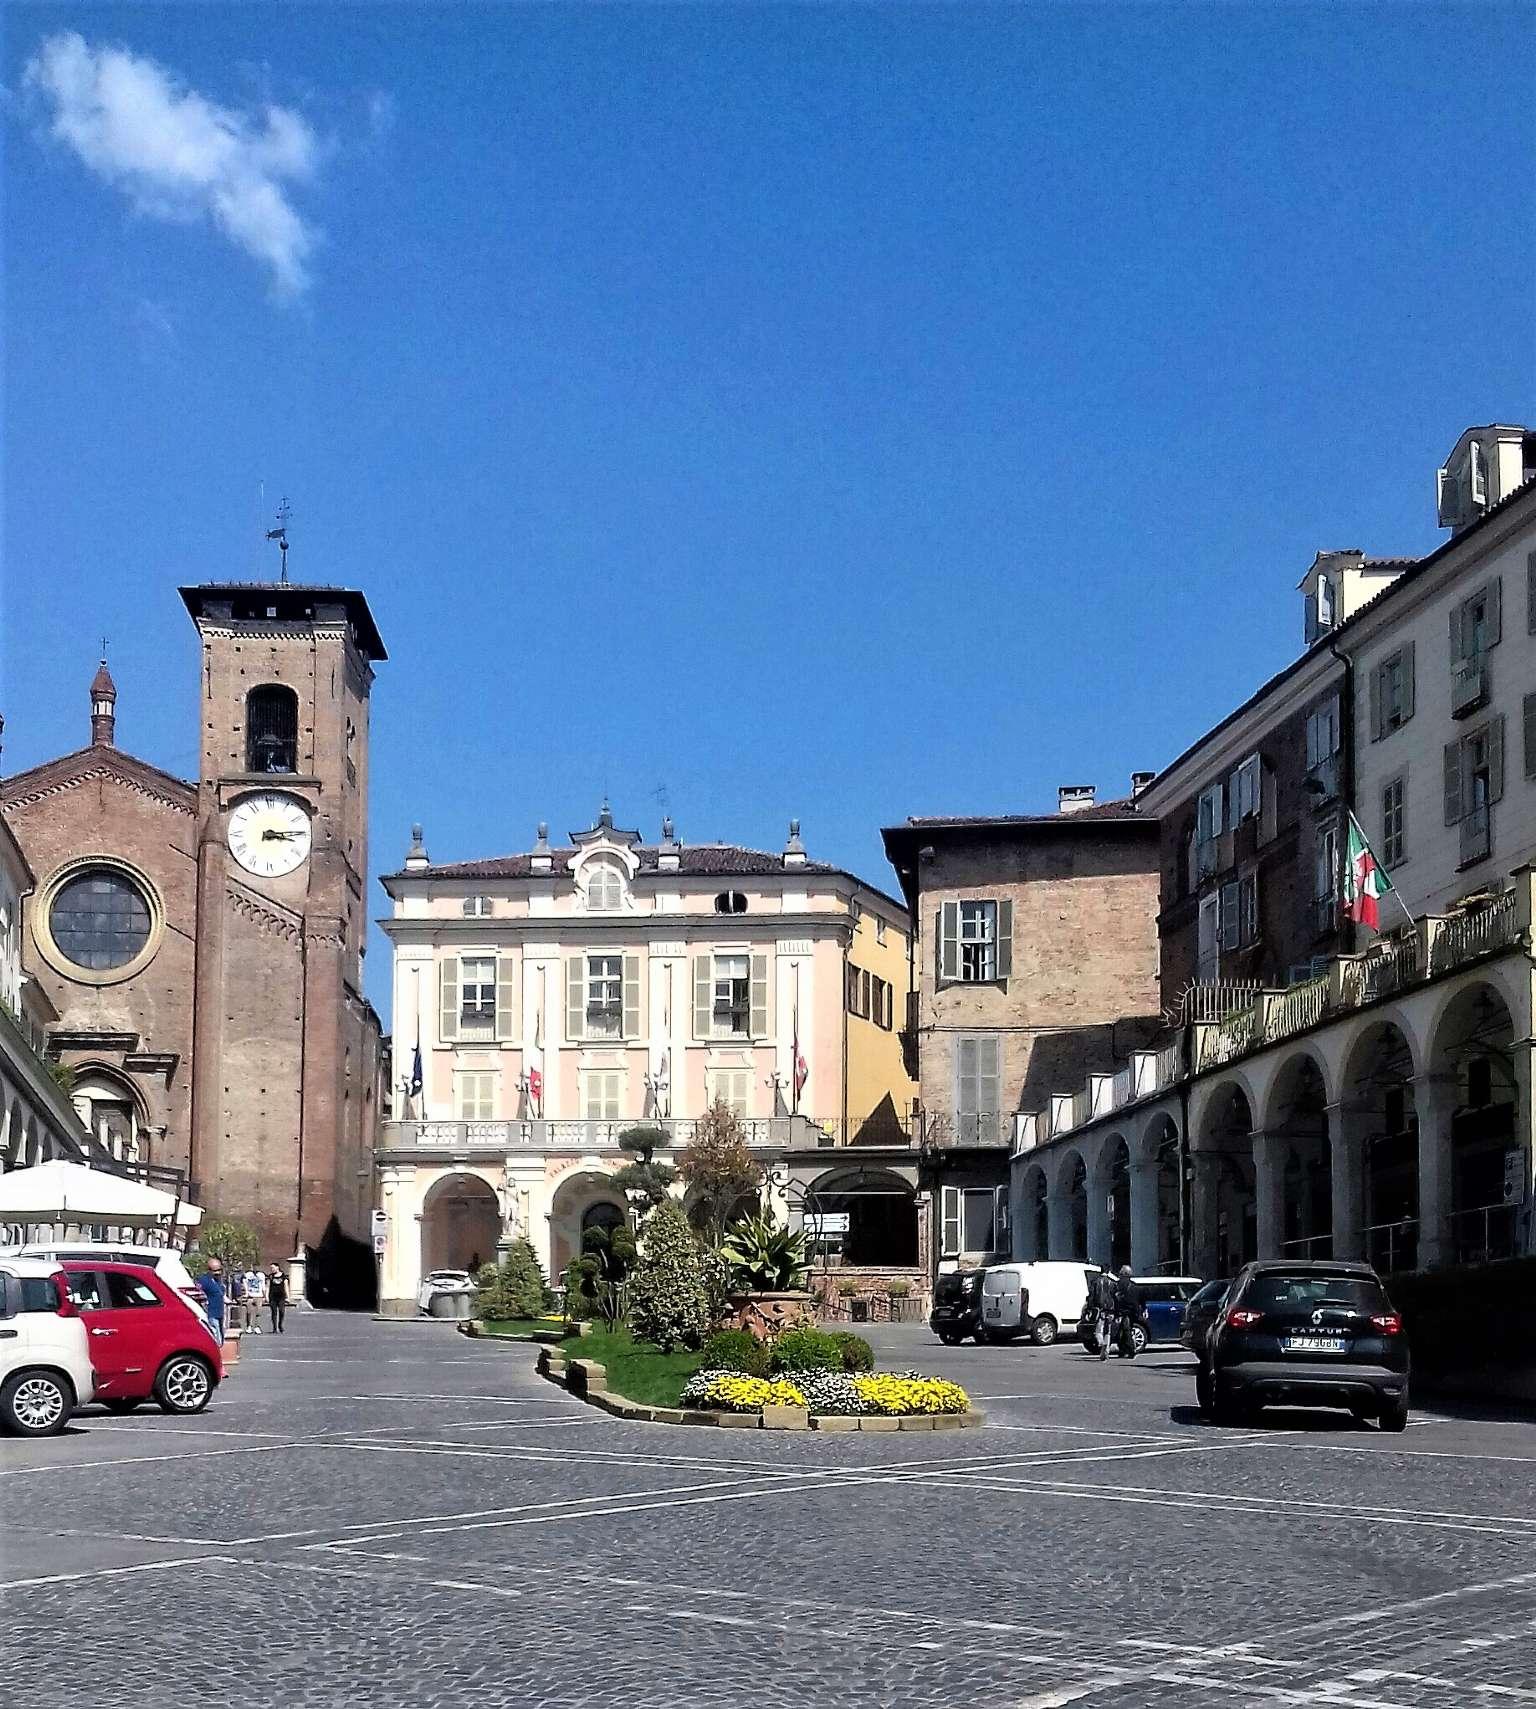 Negozio / Locale in affitto a Moncalieri, 6 locali, prezzo € 1.400 | CambioCasa.it